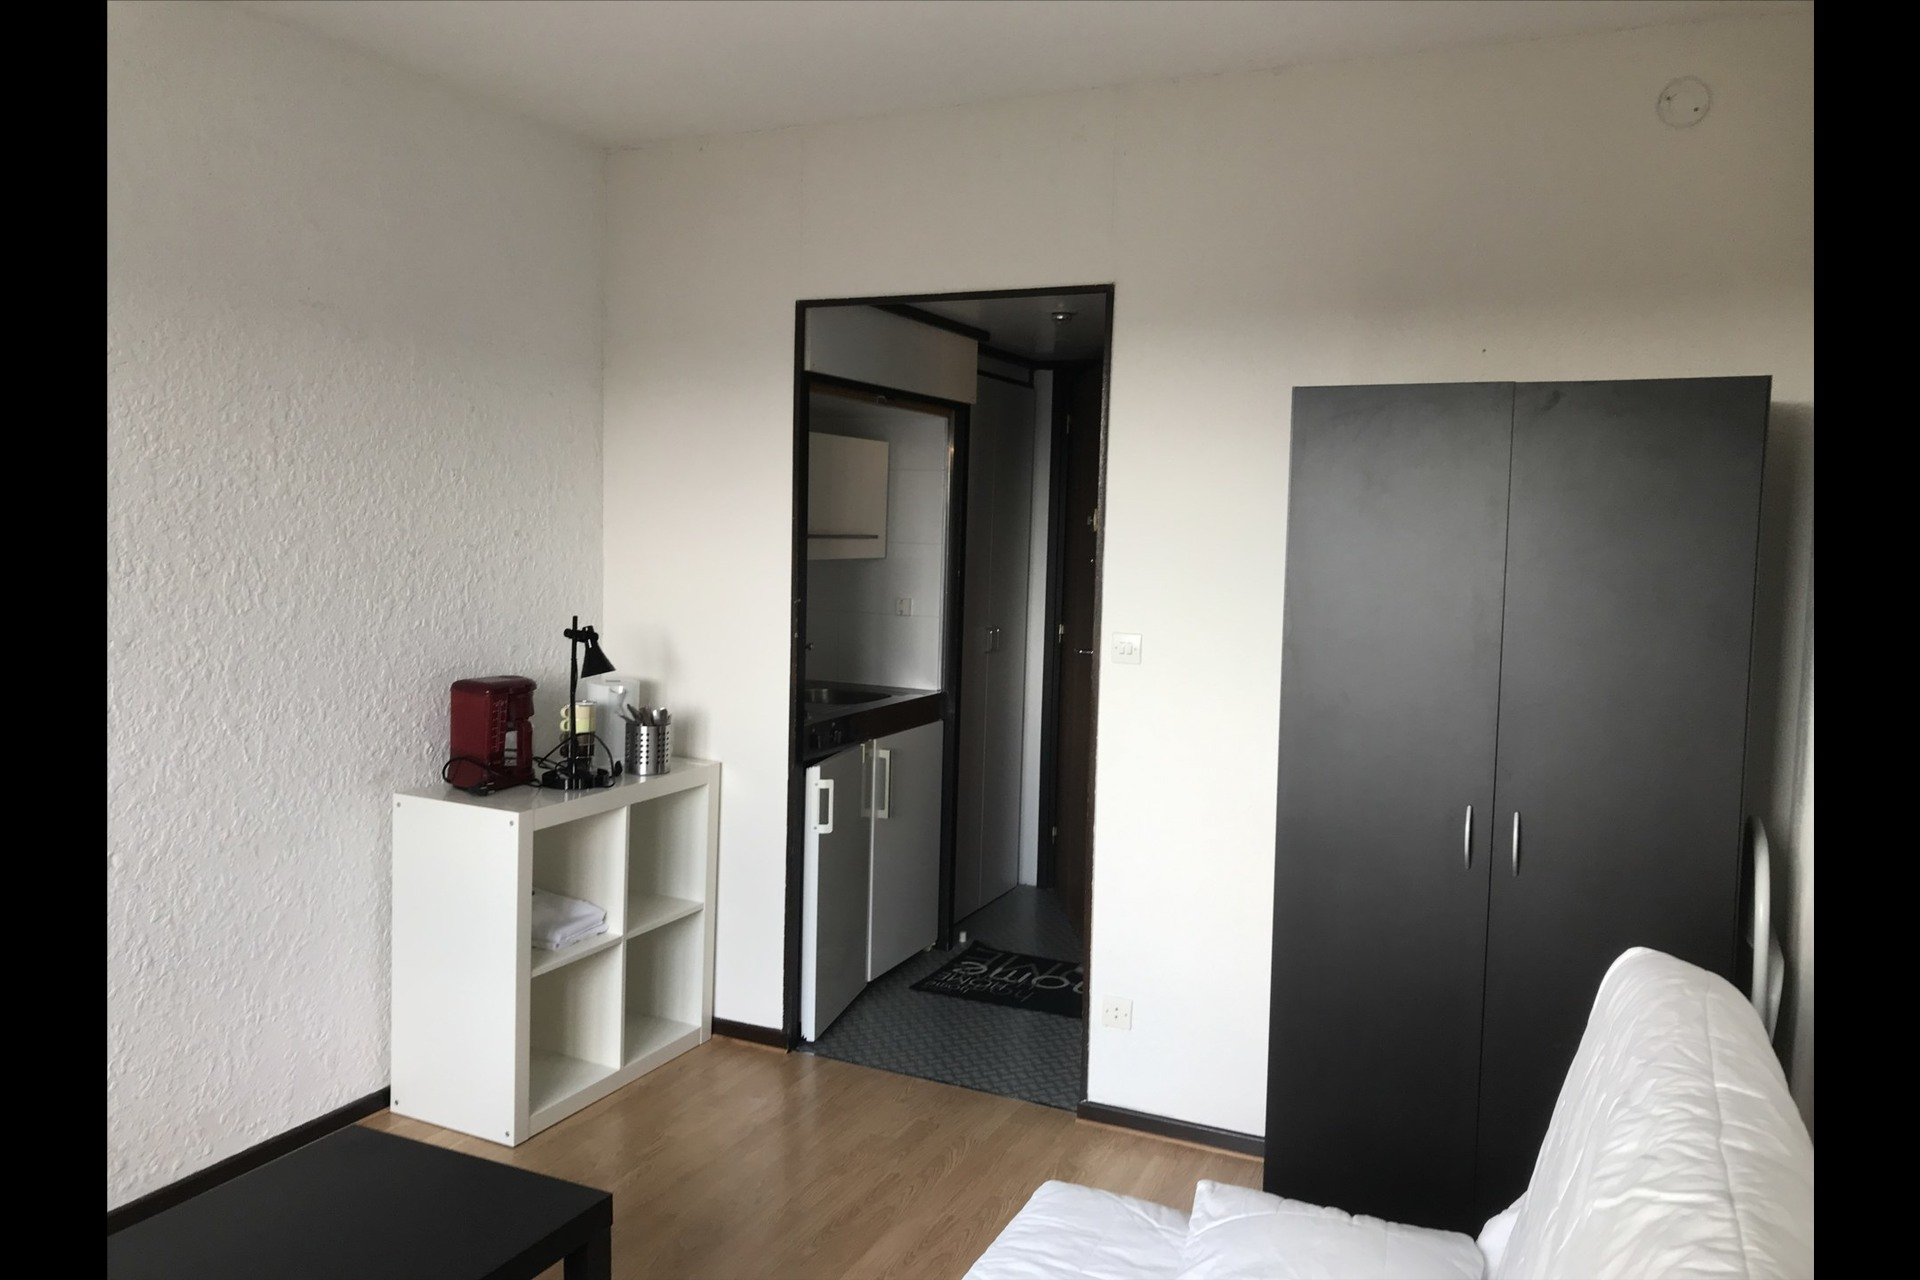 image 0 - Appartement À louer VANDOEUVRE-LES-NANCY VANDOEUVRE  BRABOIS